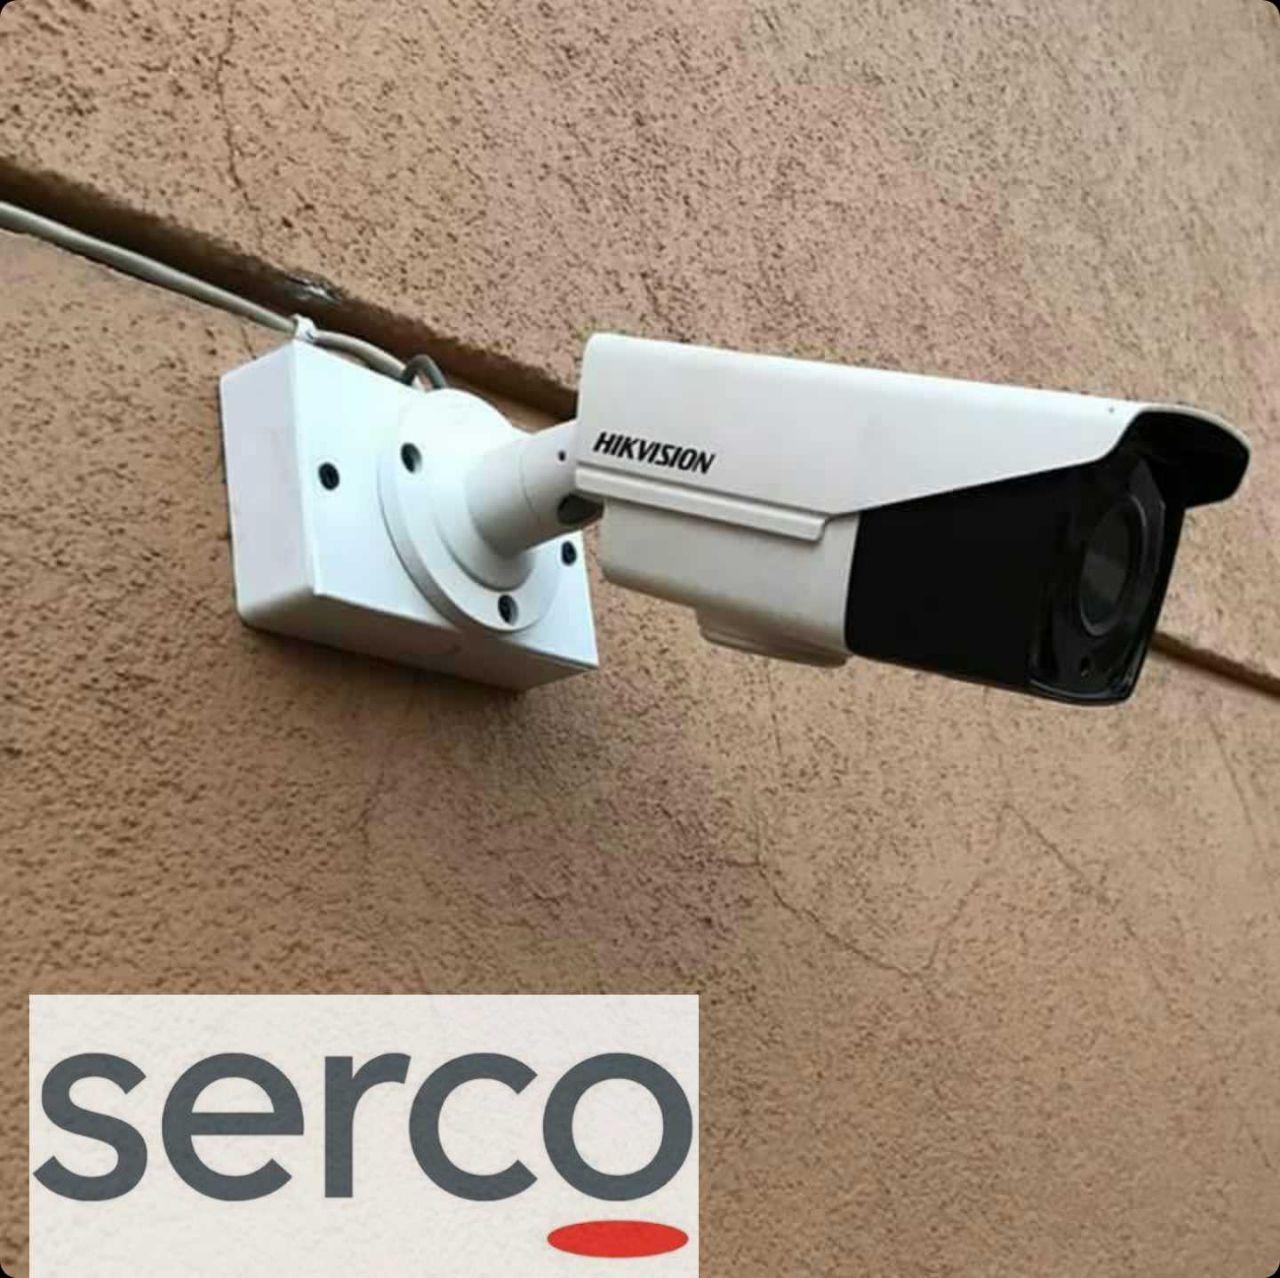 شركة تركيب كاميرات في دمشق , ريف دمشق , حمص , درعا , السويداء